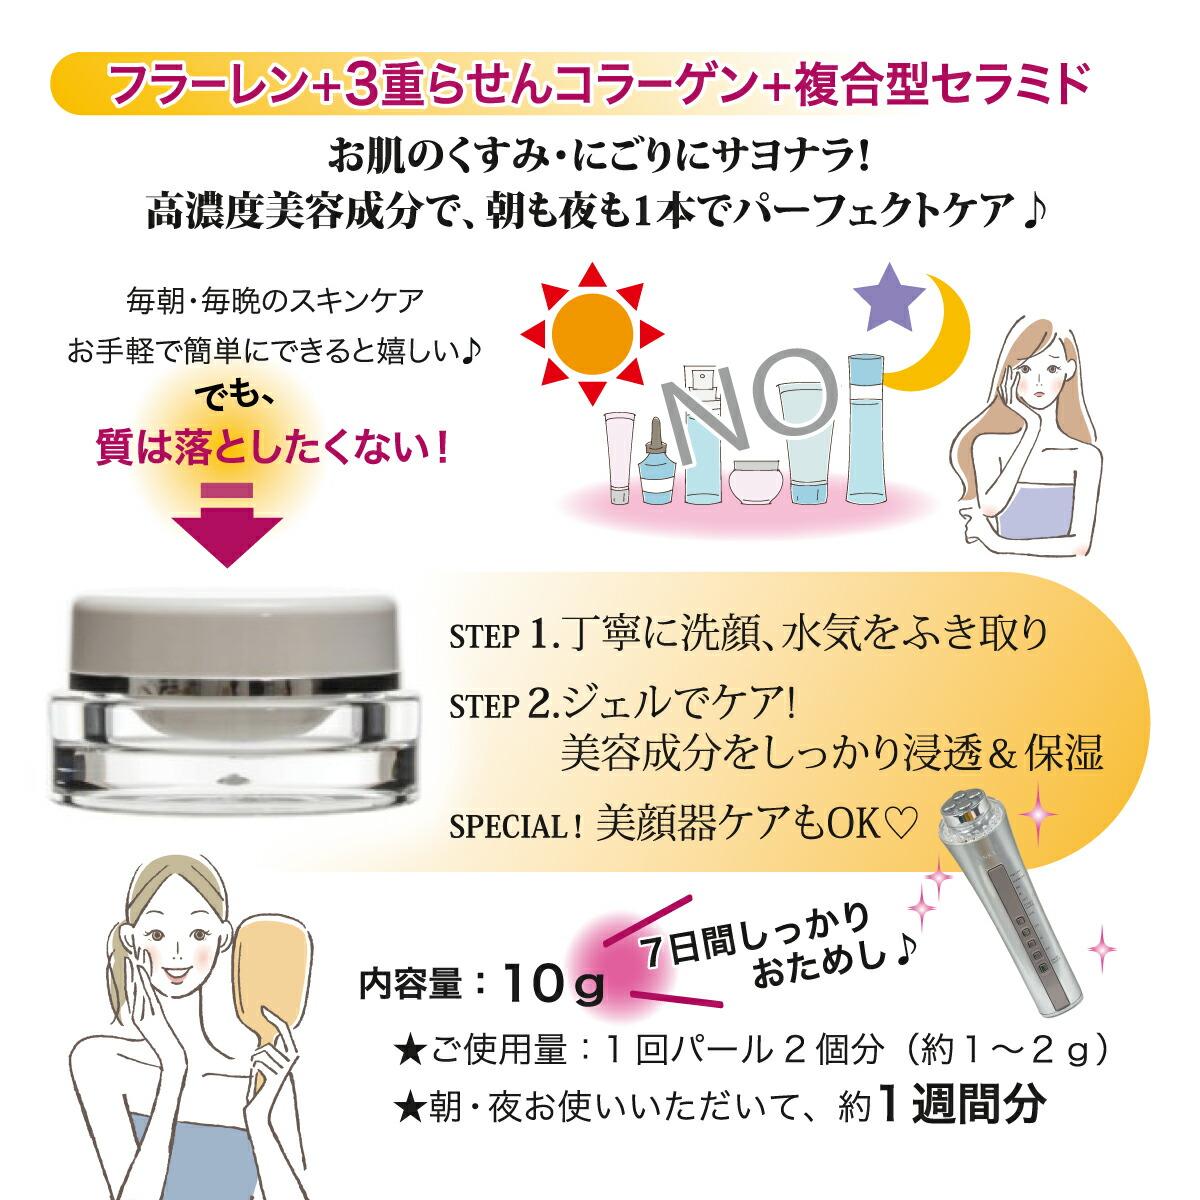 フラーレン 化粧品 オールインワンジェル オールインワンゲル オールインワンクリーム 活性酸素 糖化 美白 ハリツヤ 透明感 美顔器 美顔機 イオン導入 超音波